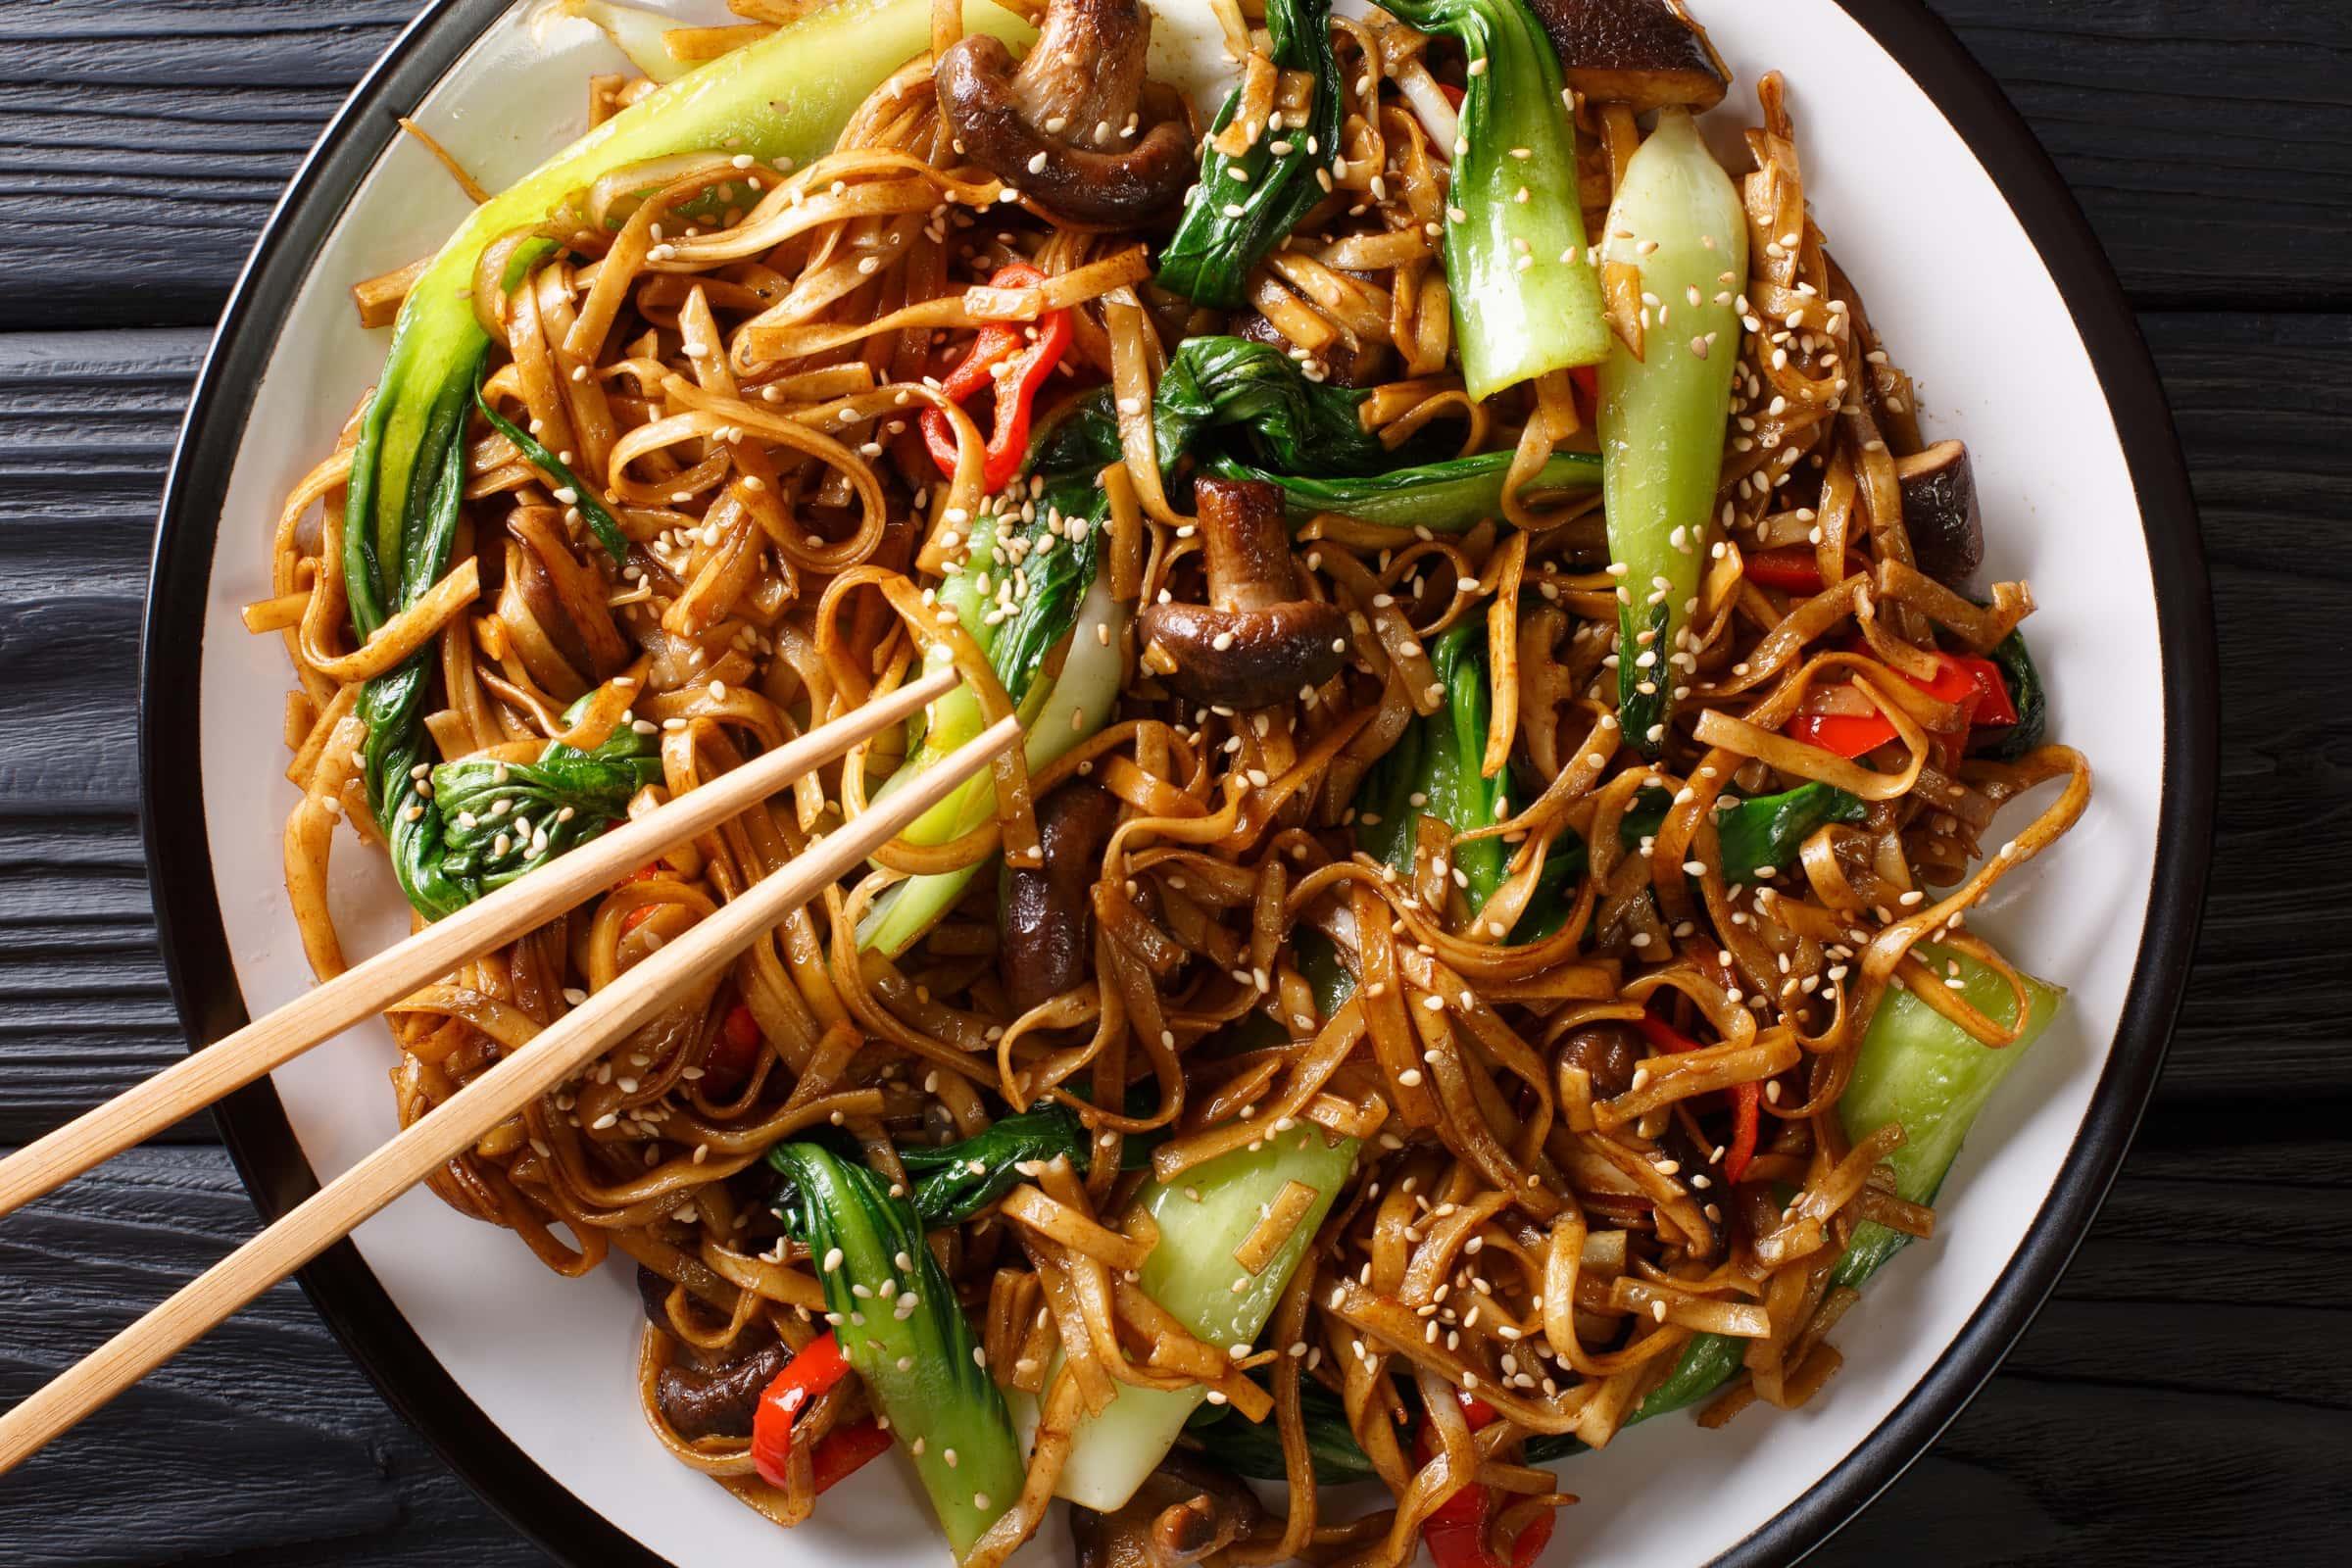 Ricetta Noodles Con Verdure E Carne.Ricetta Noodles Con Pak Choi E Funghi Shiitake Il Club Delle Ricette